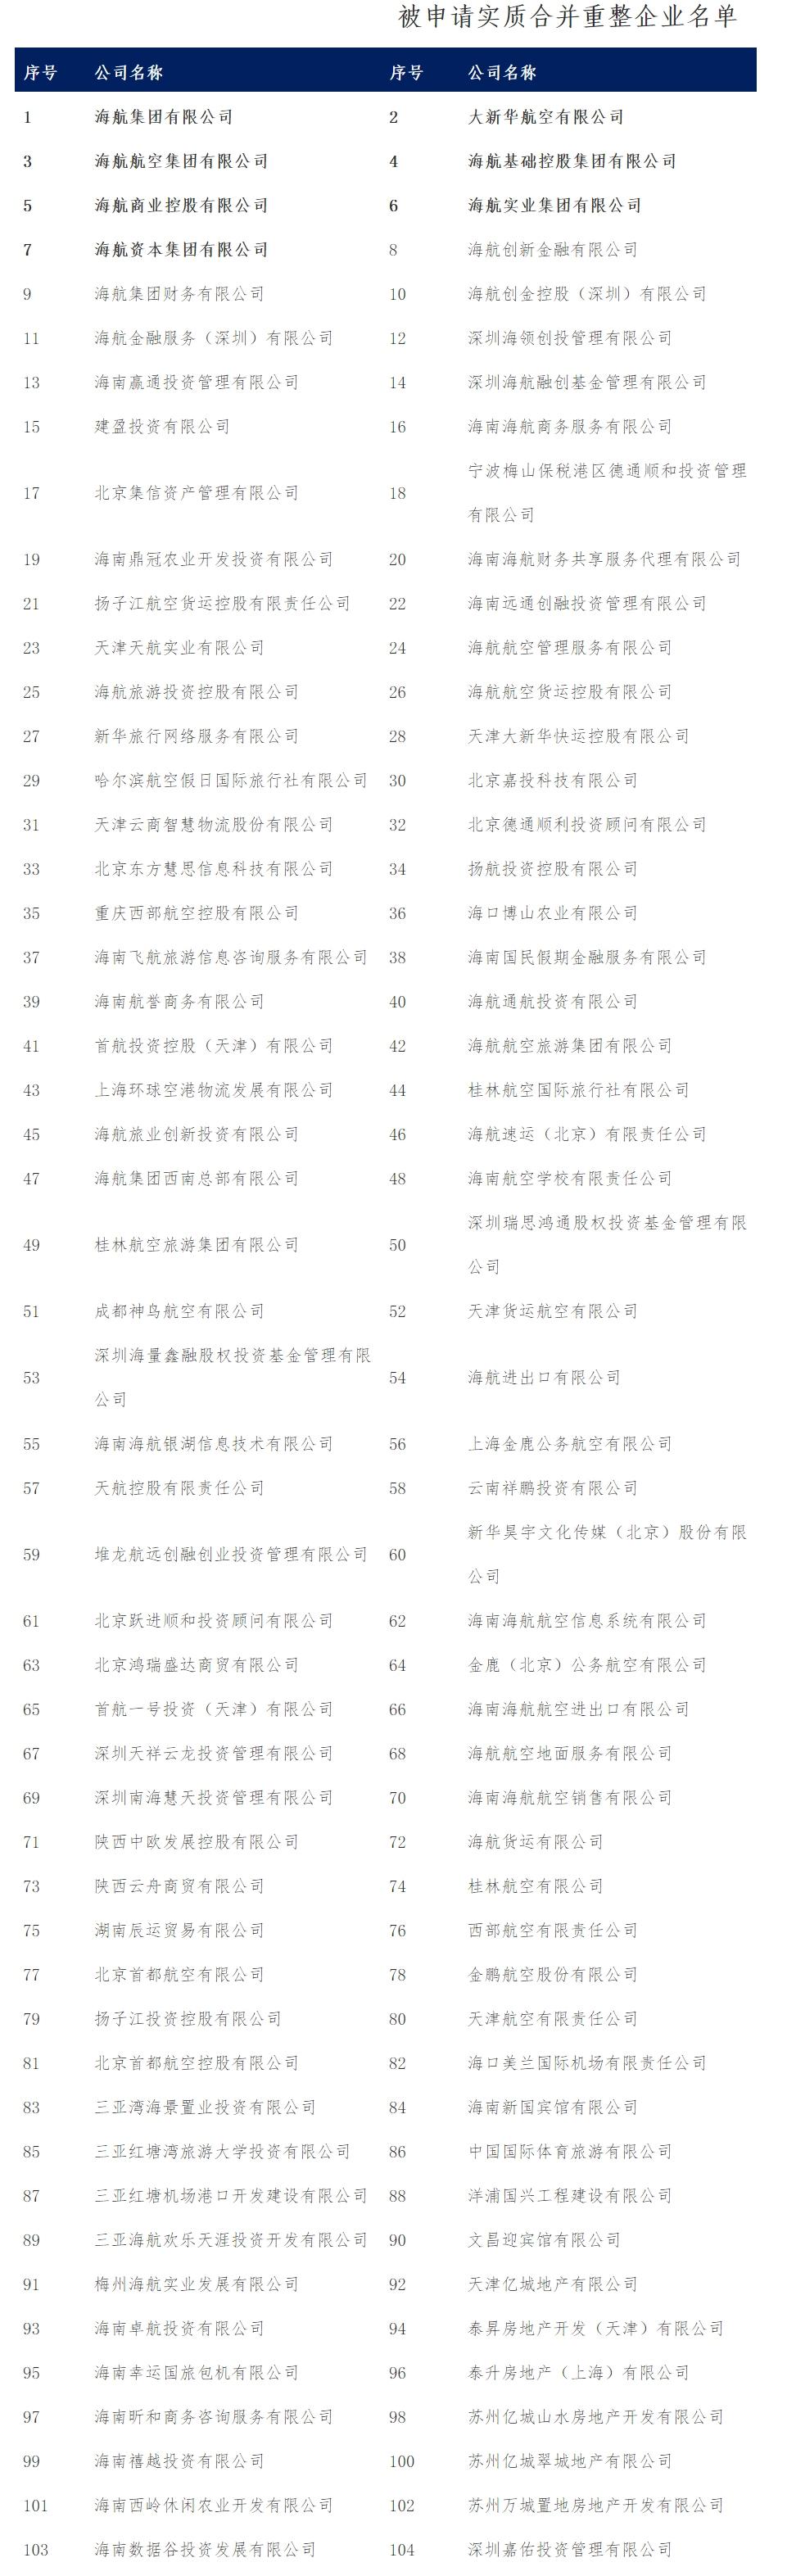 来源:海南省高院1